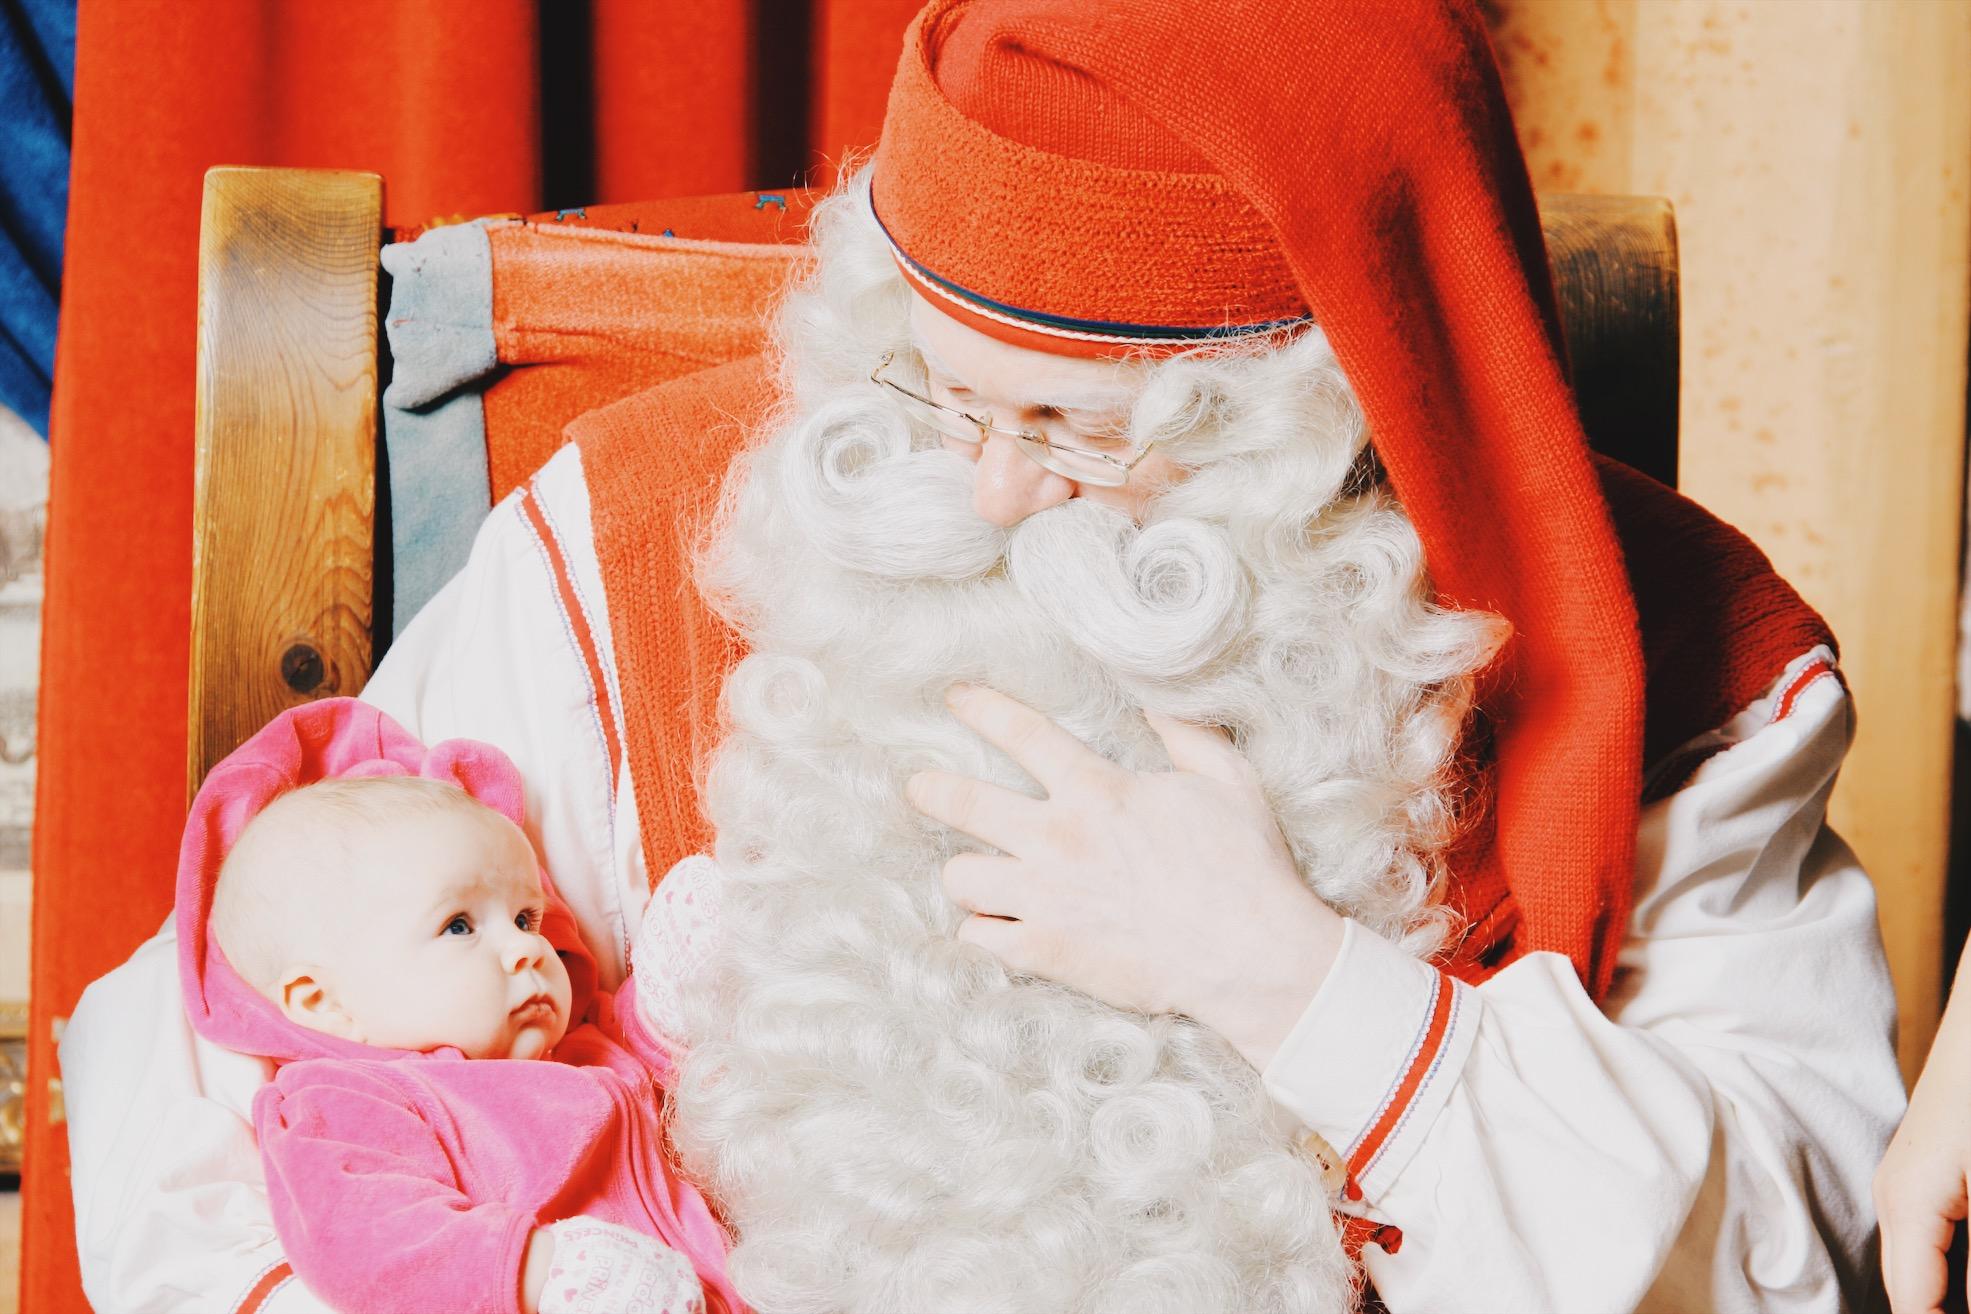 Vauvan ensimmäinen kohtaaminen pukin kanssa. Ei ihan tuorein kuva!